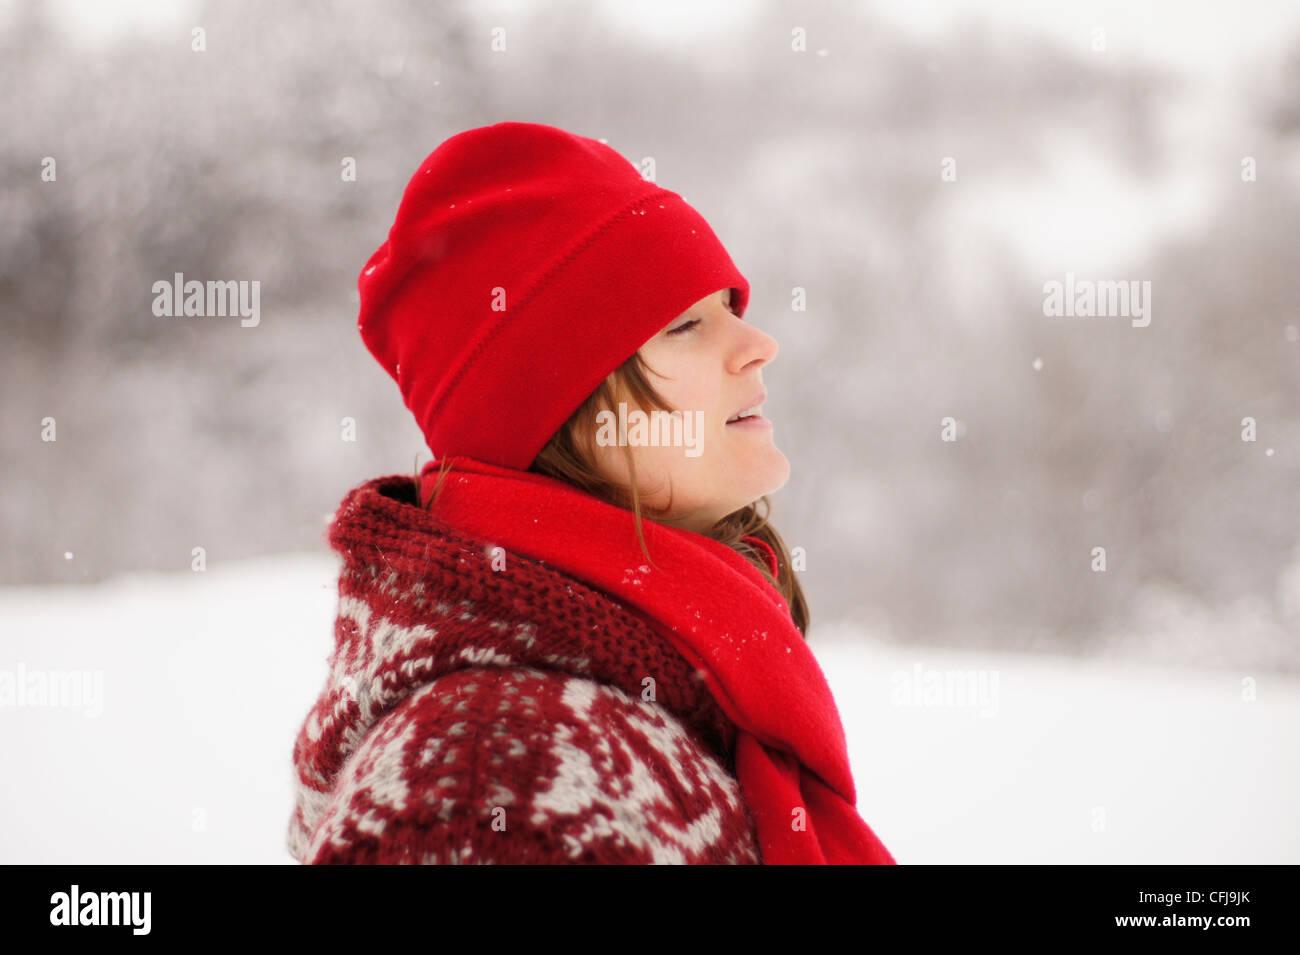 Schöne junge Mädchen mit roter Mütze und Schal genießen den fallenden Winterschnee Stockbild